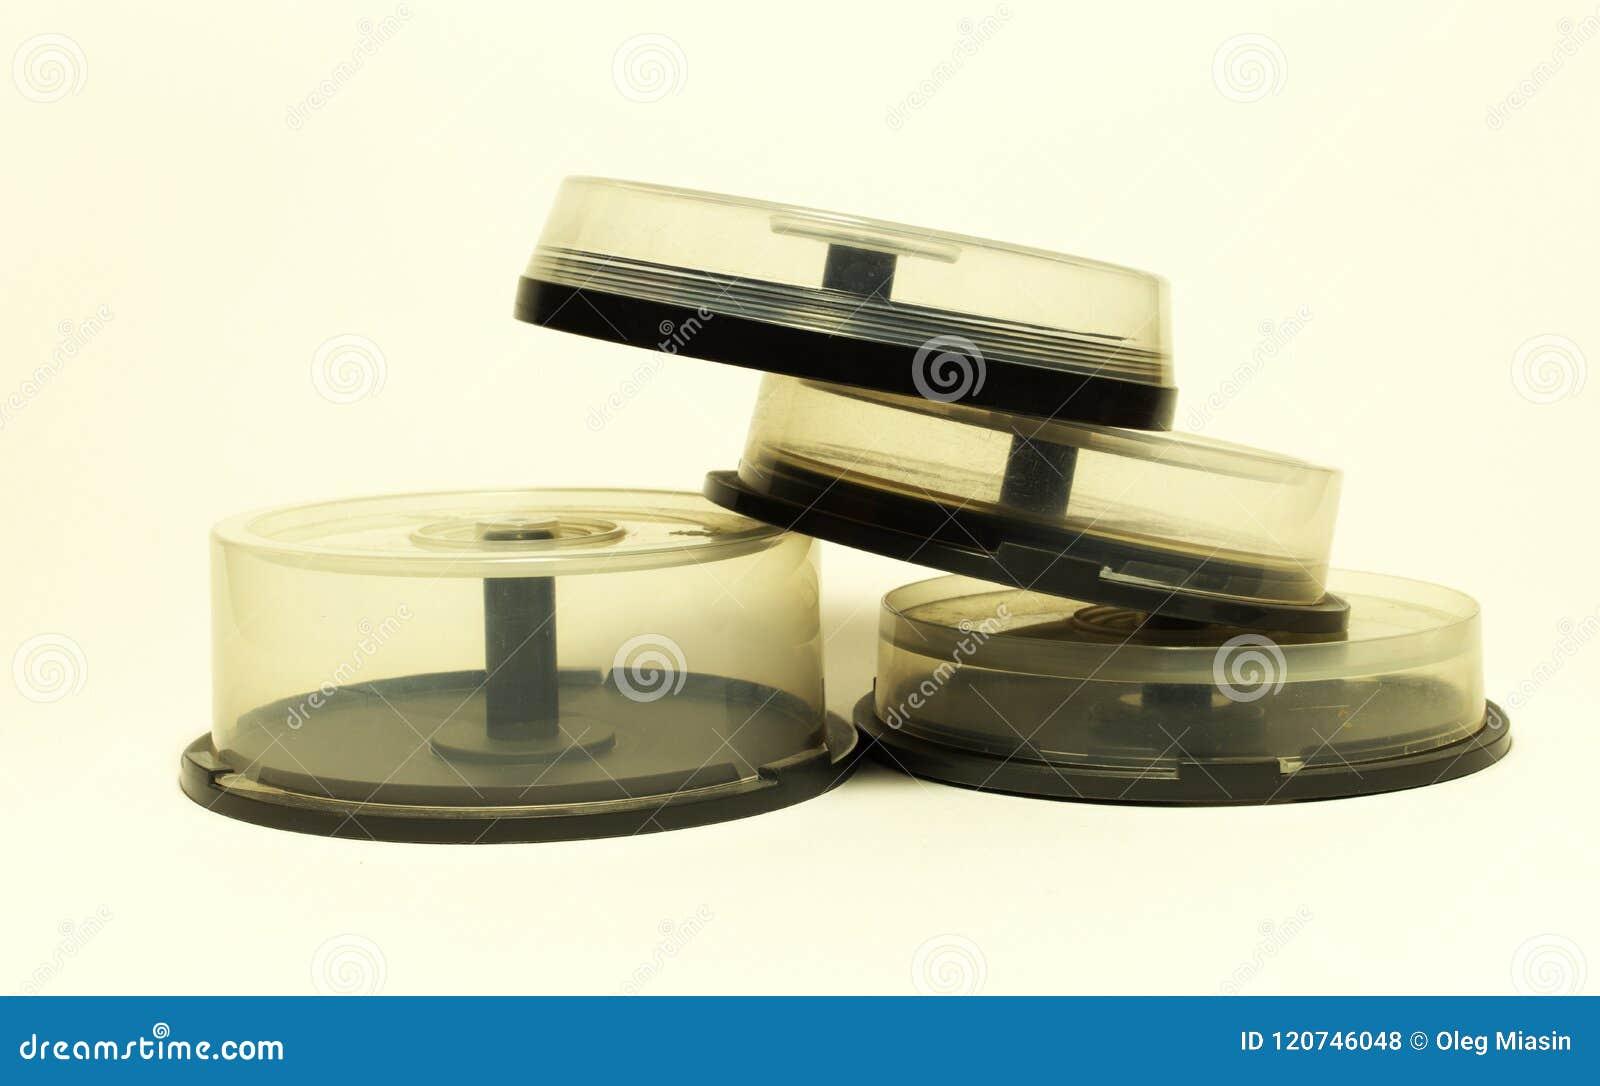 Opslag met spindel voor compact disc kleine capasitydozen